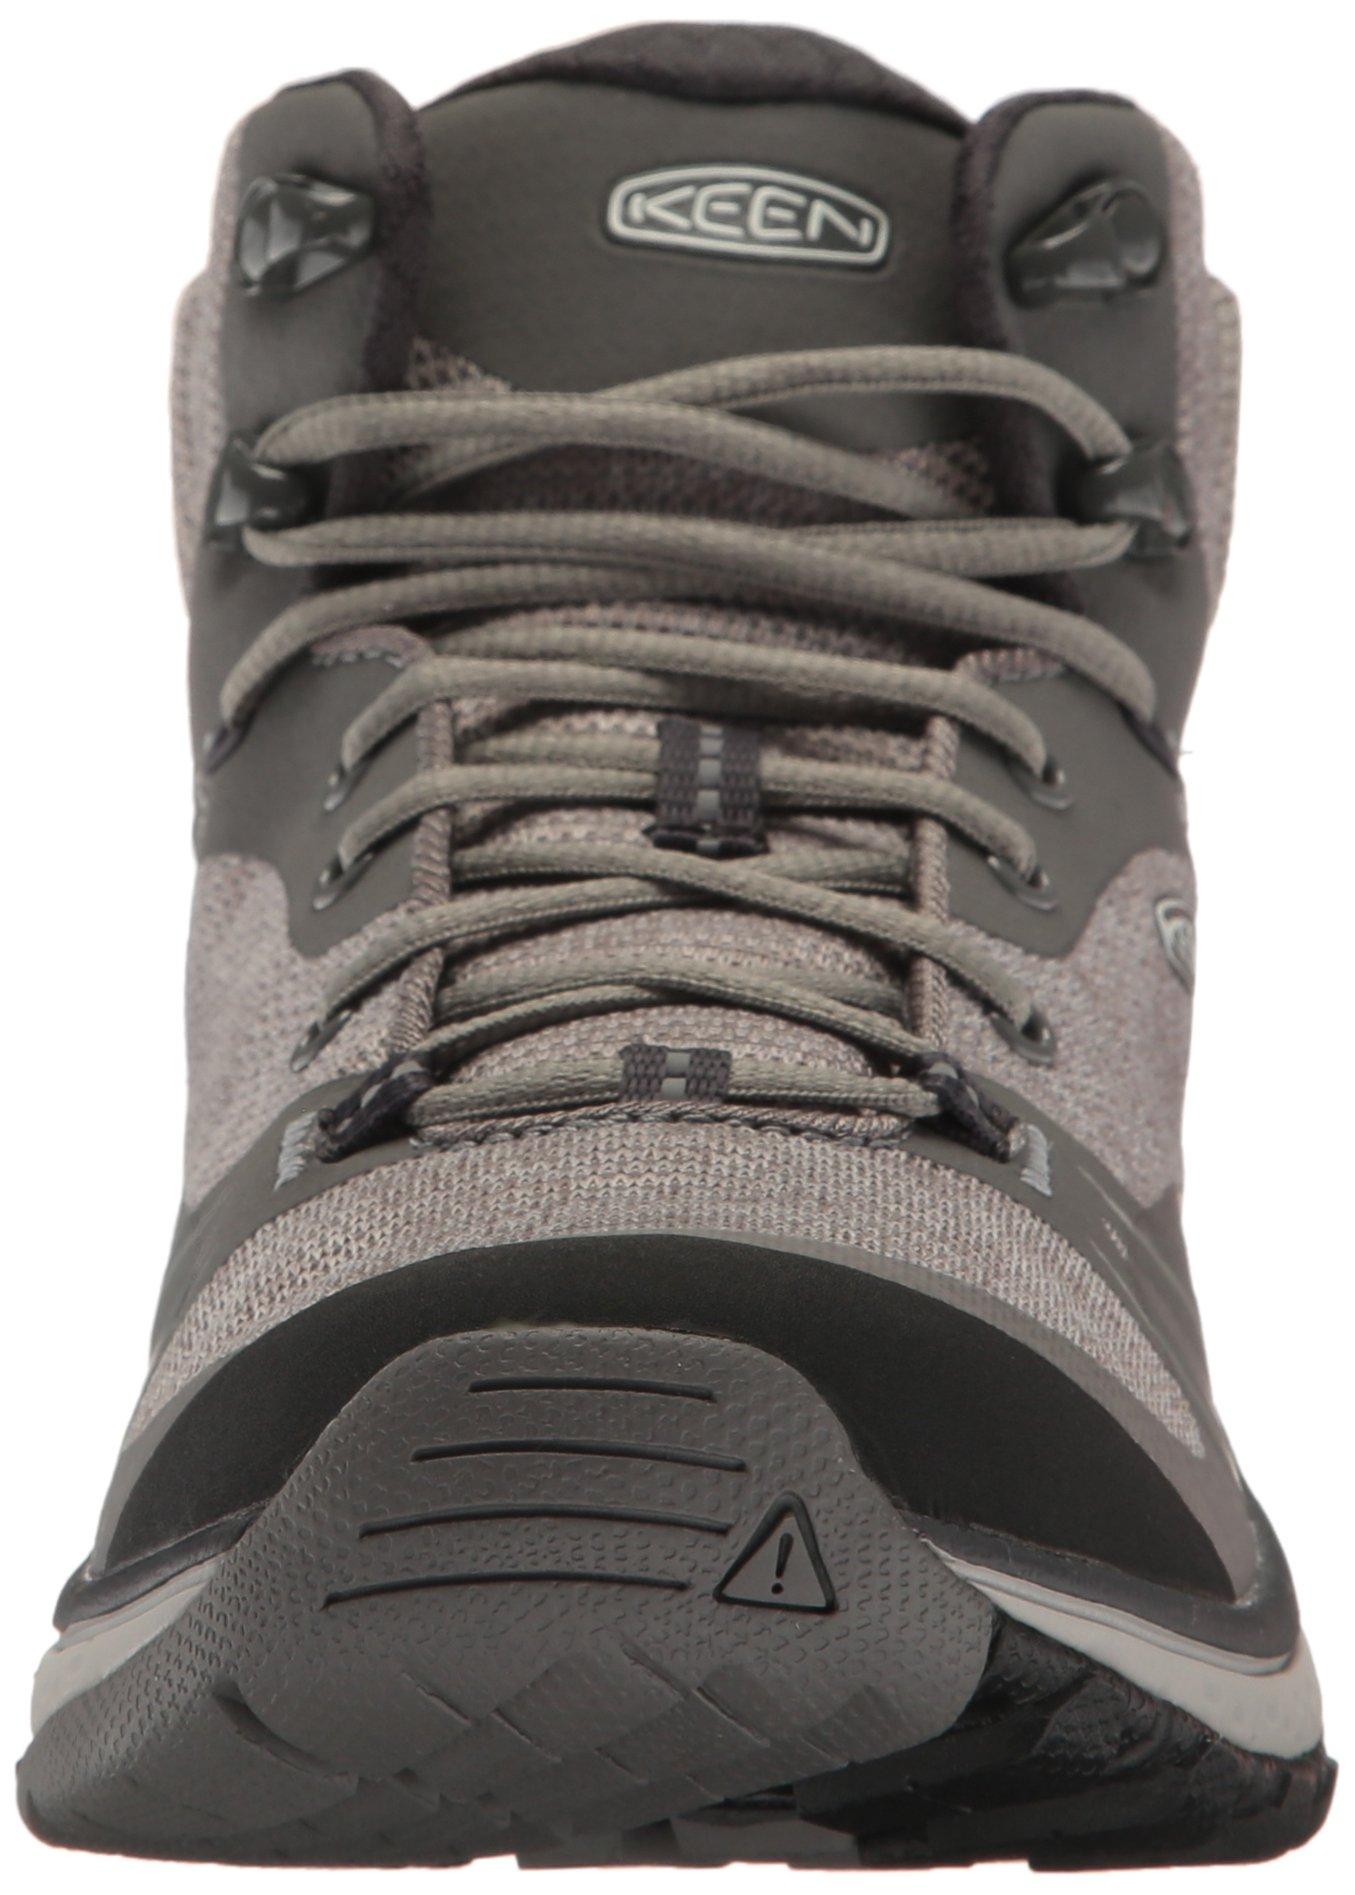 KEEN Women's Terradora Mid Waterproof Hiking Shoe, Gargoyle/Magnet, 9 M US by KEEN (Image #4)